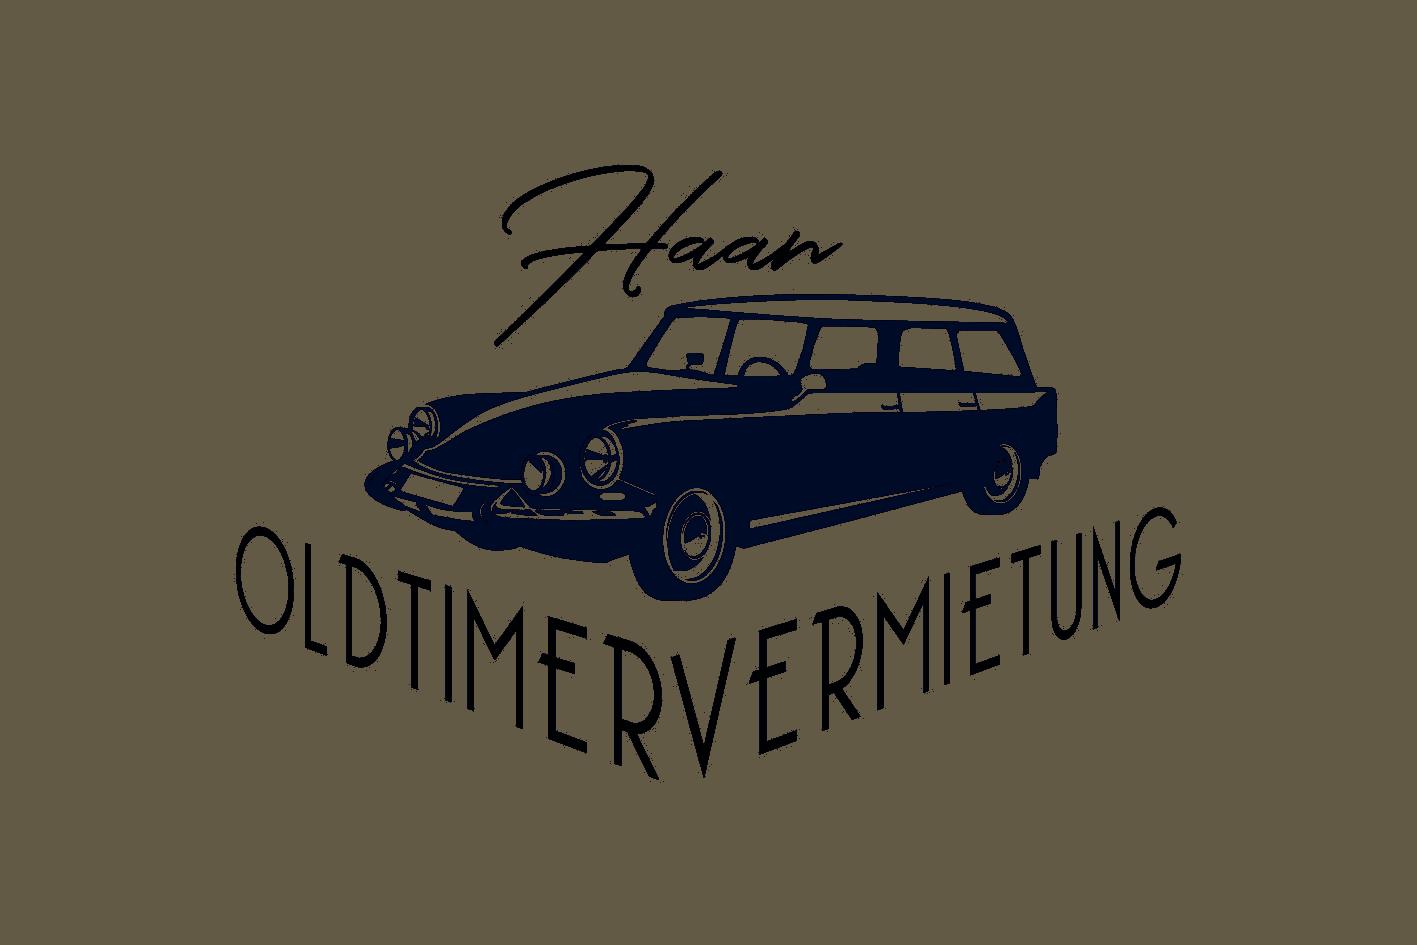 Oldtimervermietung-Haan➔ Oldtimervermietung für Selbstfahrer ✓ Hochzeitsauto Oldtimer mieten ✓ flexibel ✓persönlich ✓ Jetzt mieten!